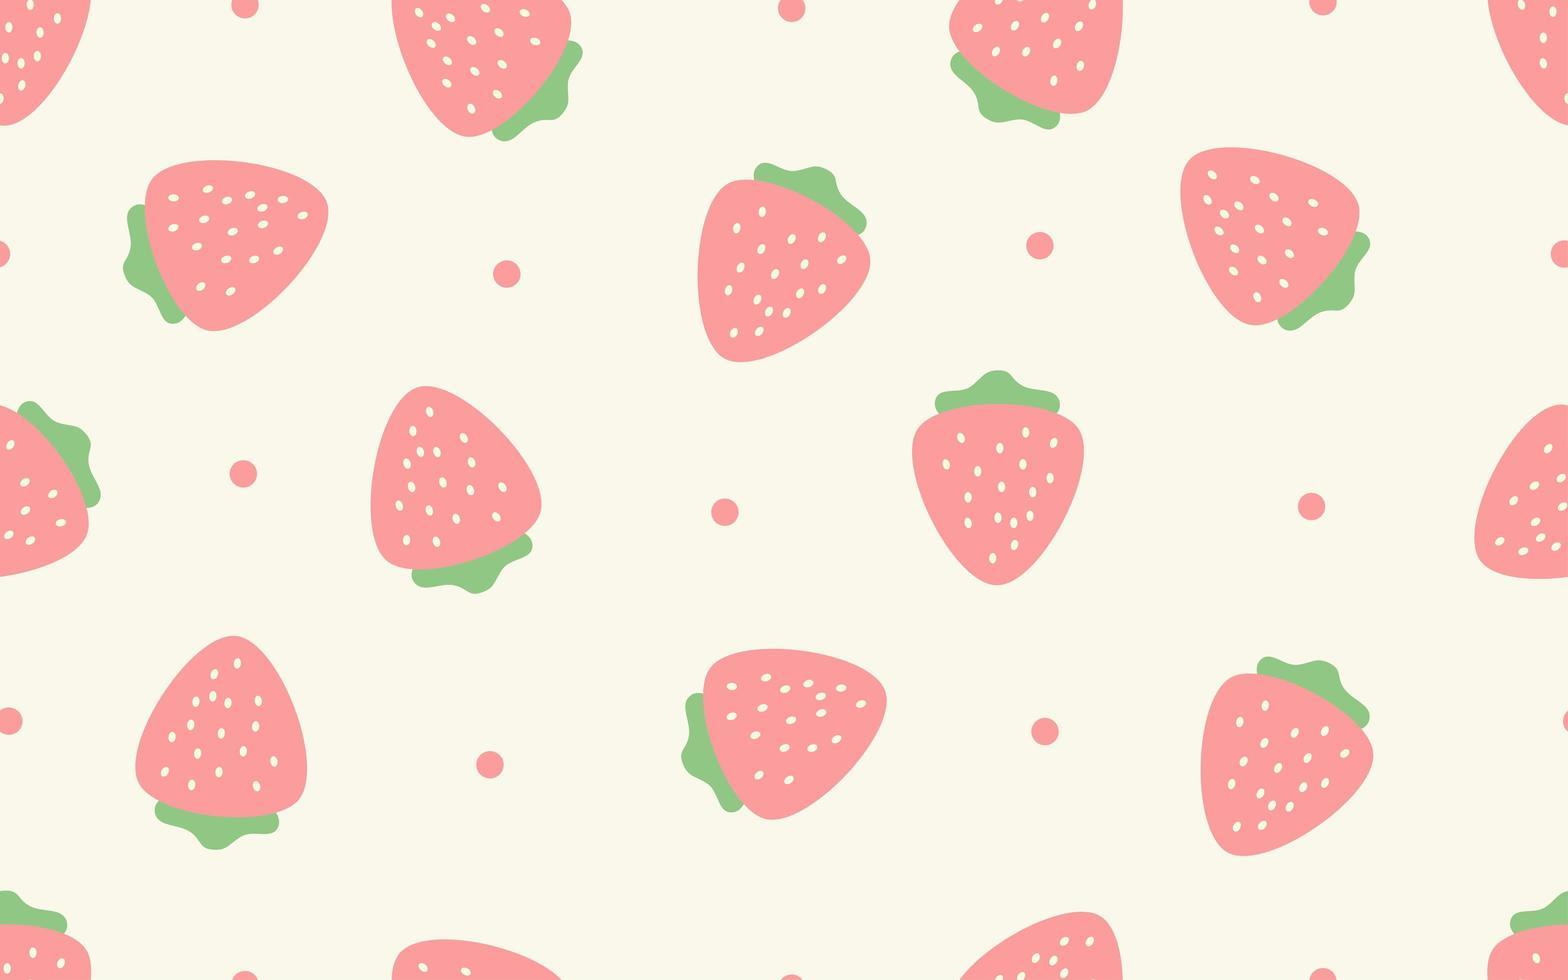 Ausmalbilder Erdbeere Malvorlagen Kostenlos Zum Ausdrucken 12